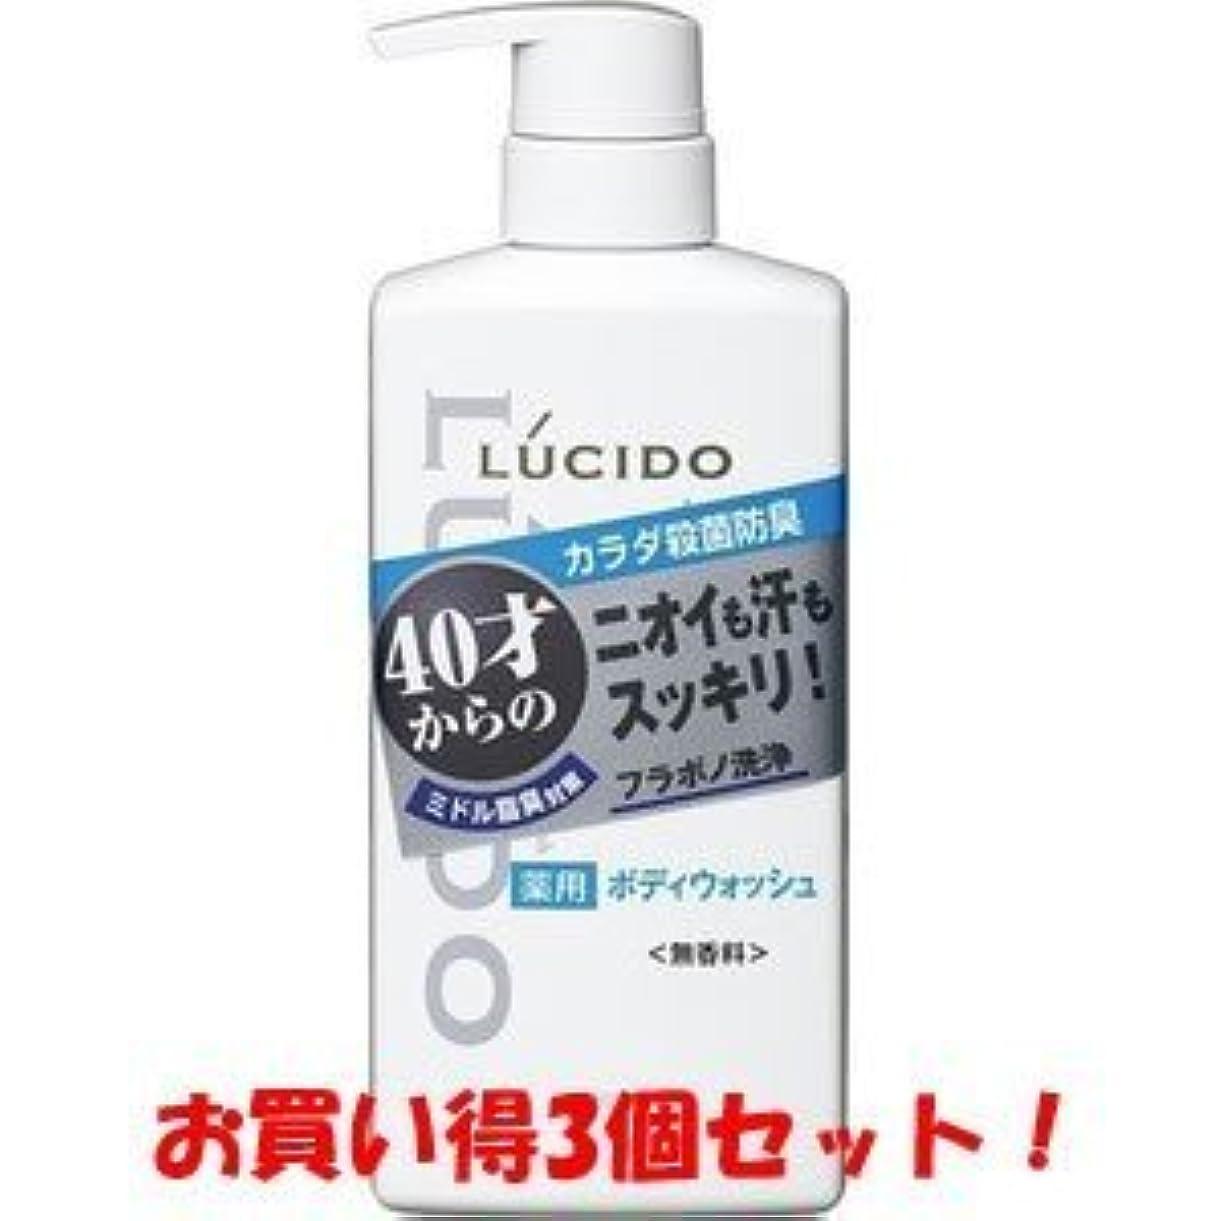 単調な会社誕生日【LUCIDO】ルシード 薬用デオドラントボディウォッシュ 450ml(医薬部外品)(お買い得3個セット)